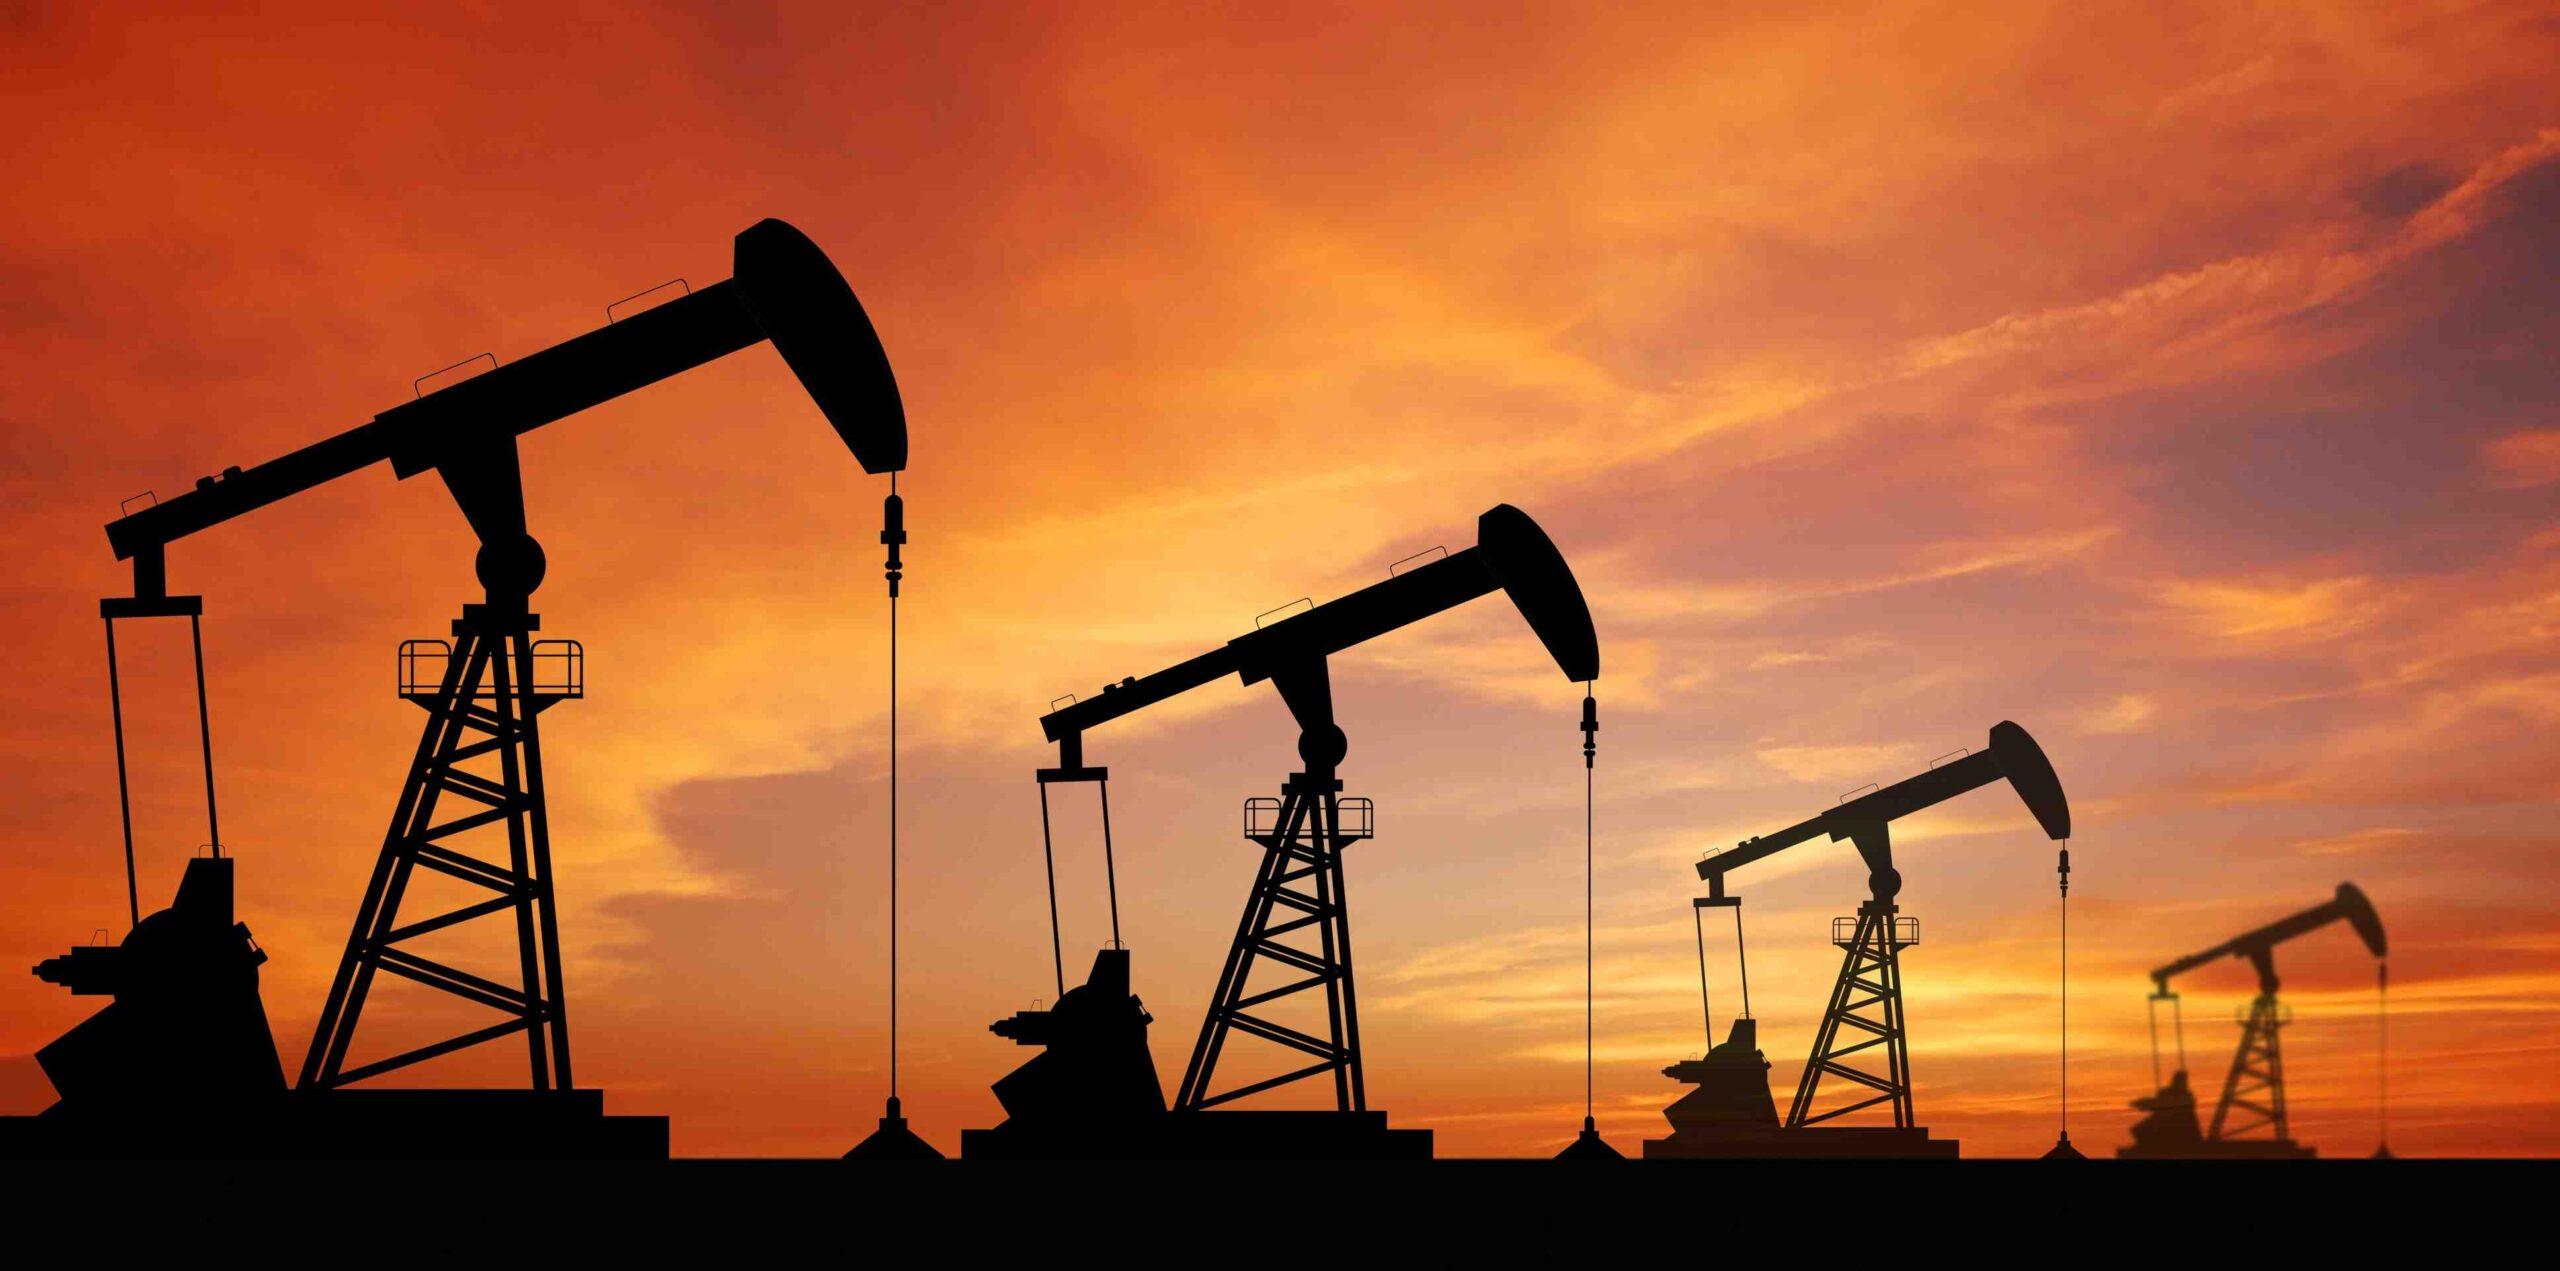 Comment investir sur le marché des matières premières?